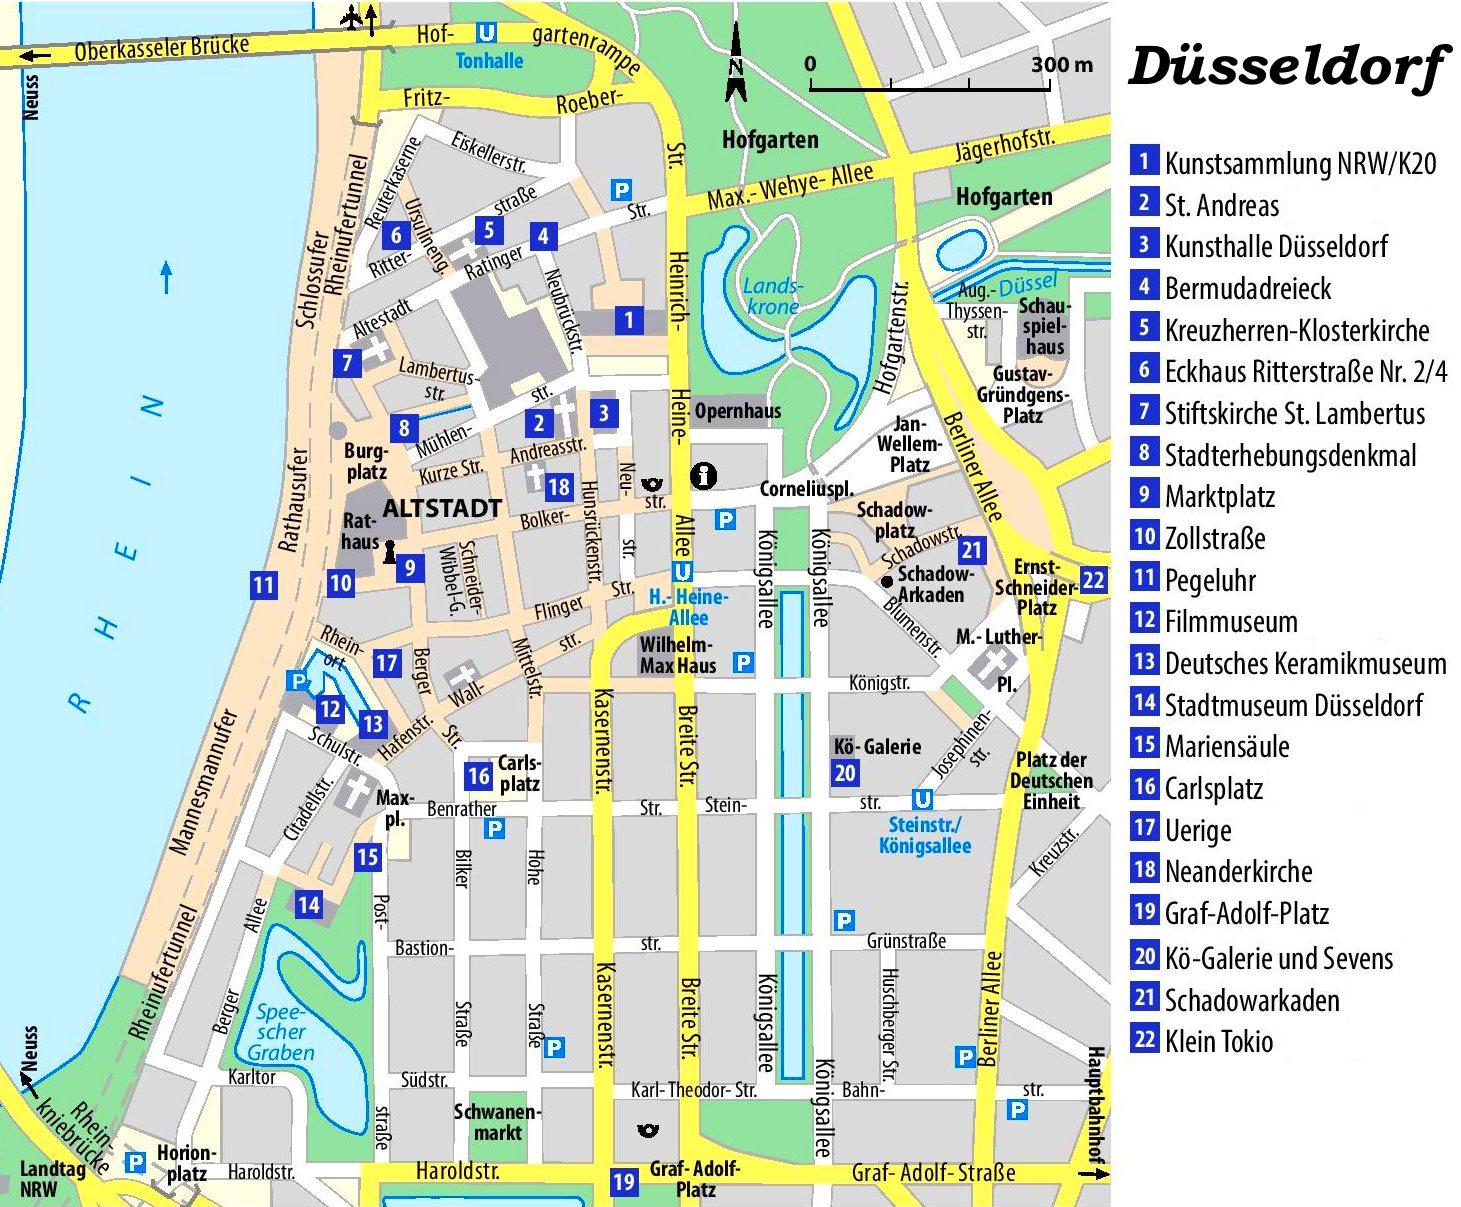 düsseldorf sehenswürdigkeiten karte Düsseldorf Innenstadtplan mit sehenswürdigkeiten